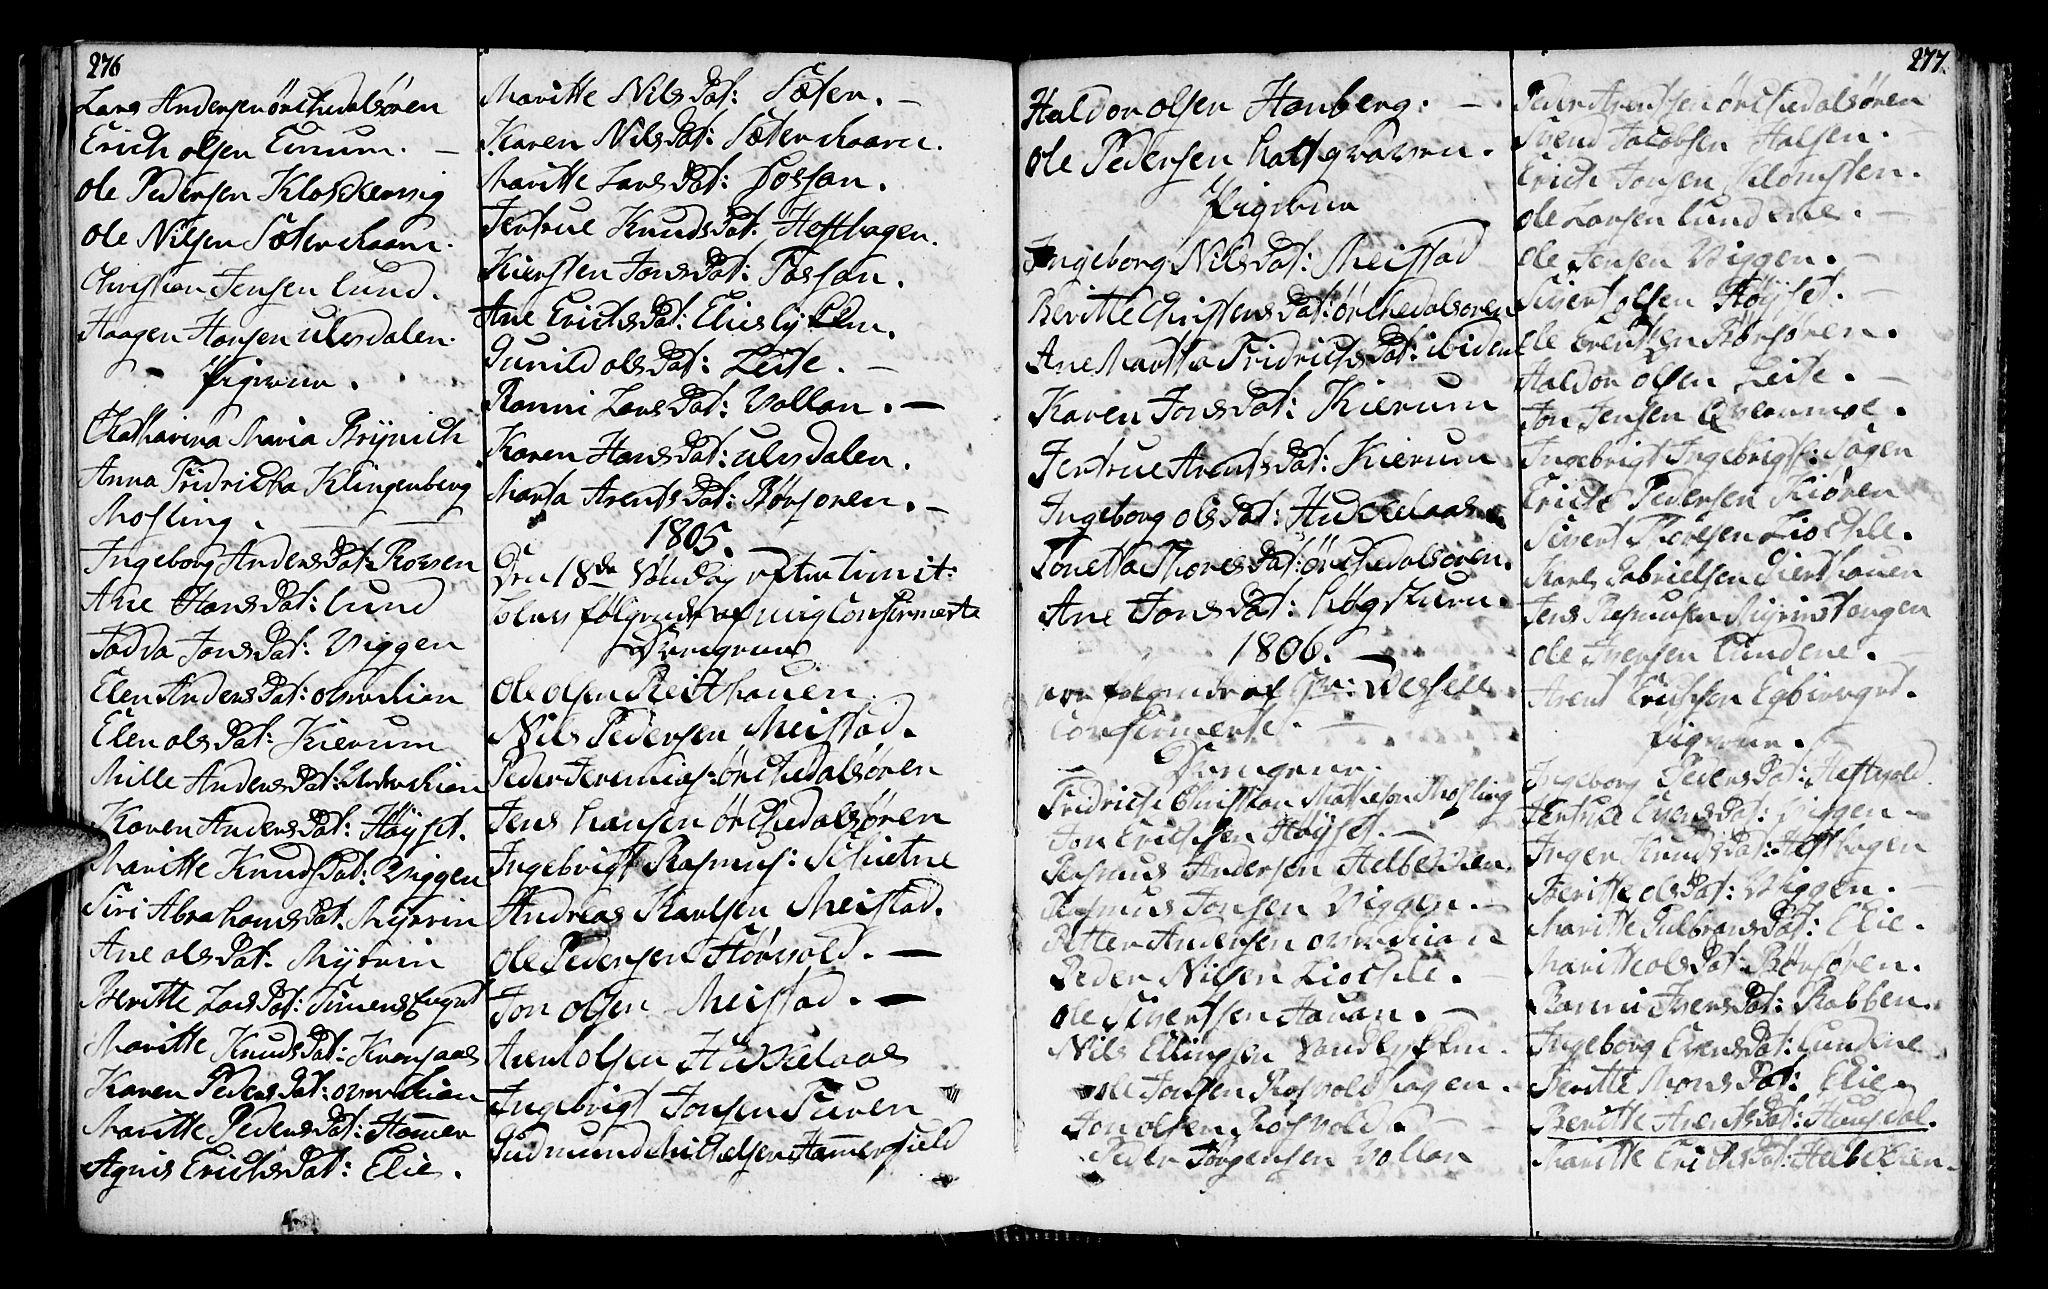 SAT, Ministerialprotokoller, klokkerbøker og fødselsregistre - Sør-Trøndelag, 665/L0769: Ministerialbok nr. 665A04, 1803-1816, s. 276-277